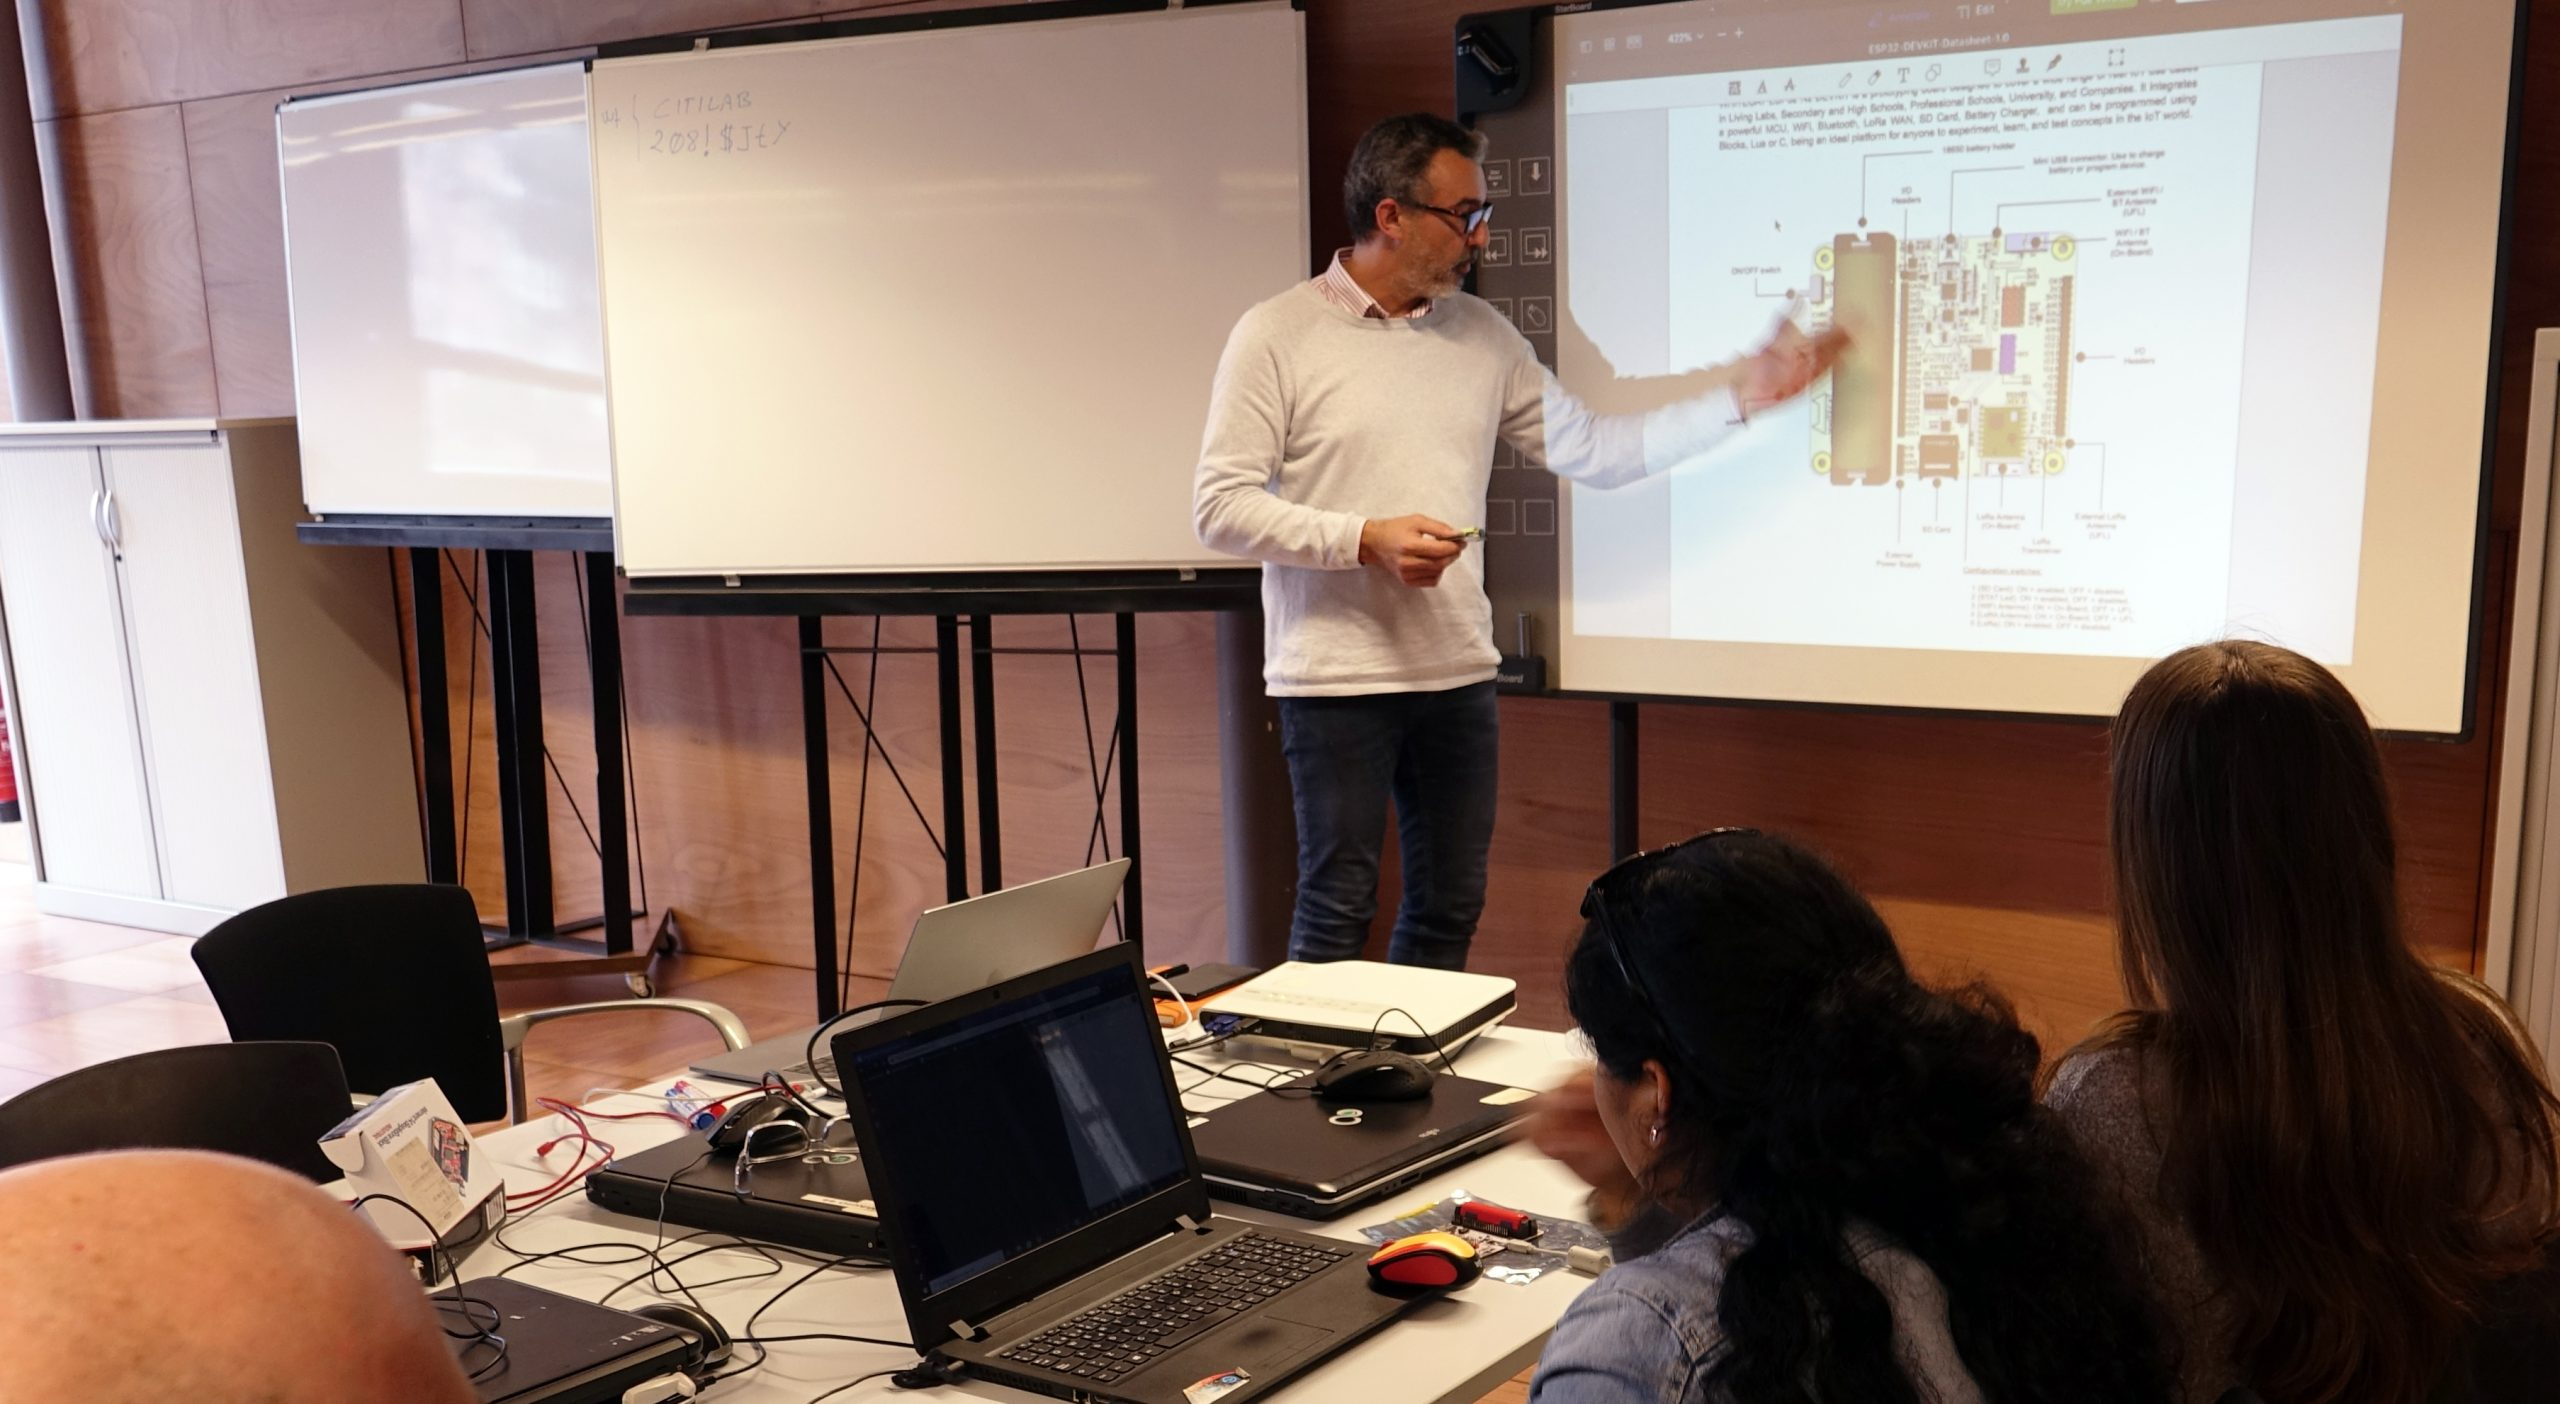 IoTLAB: Formació Sobre Internet De Les Coses / Internet Of Things (IoT) - LaborLab